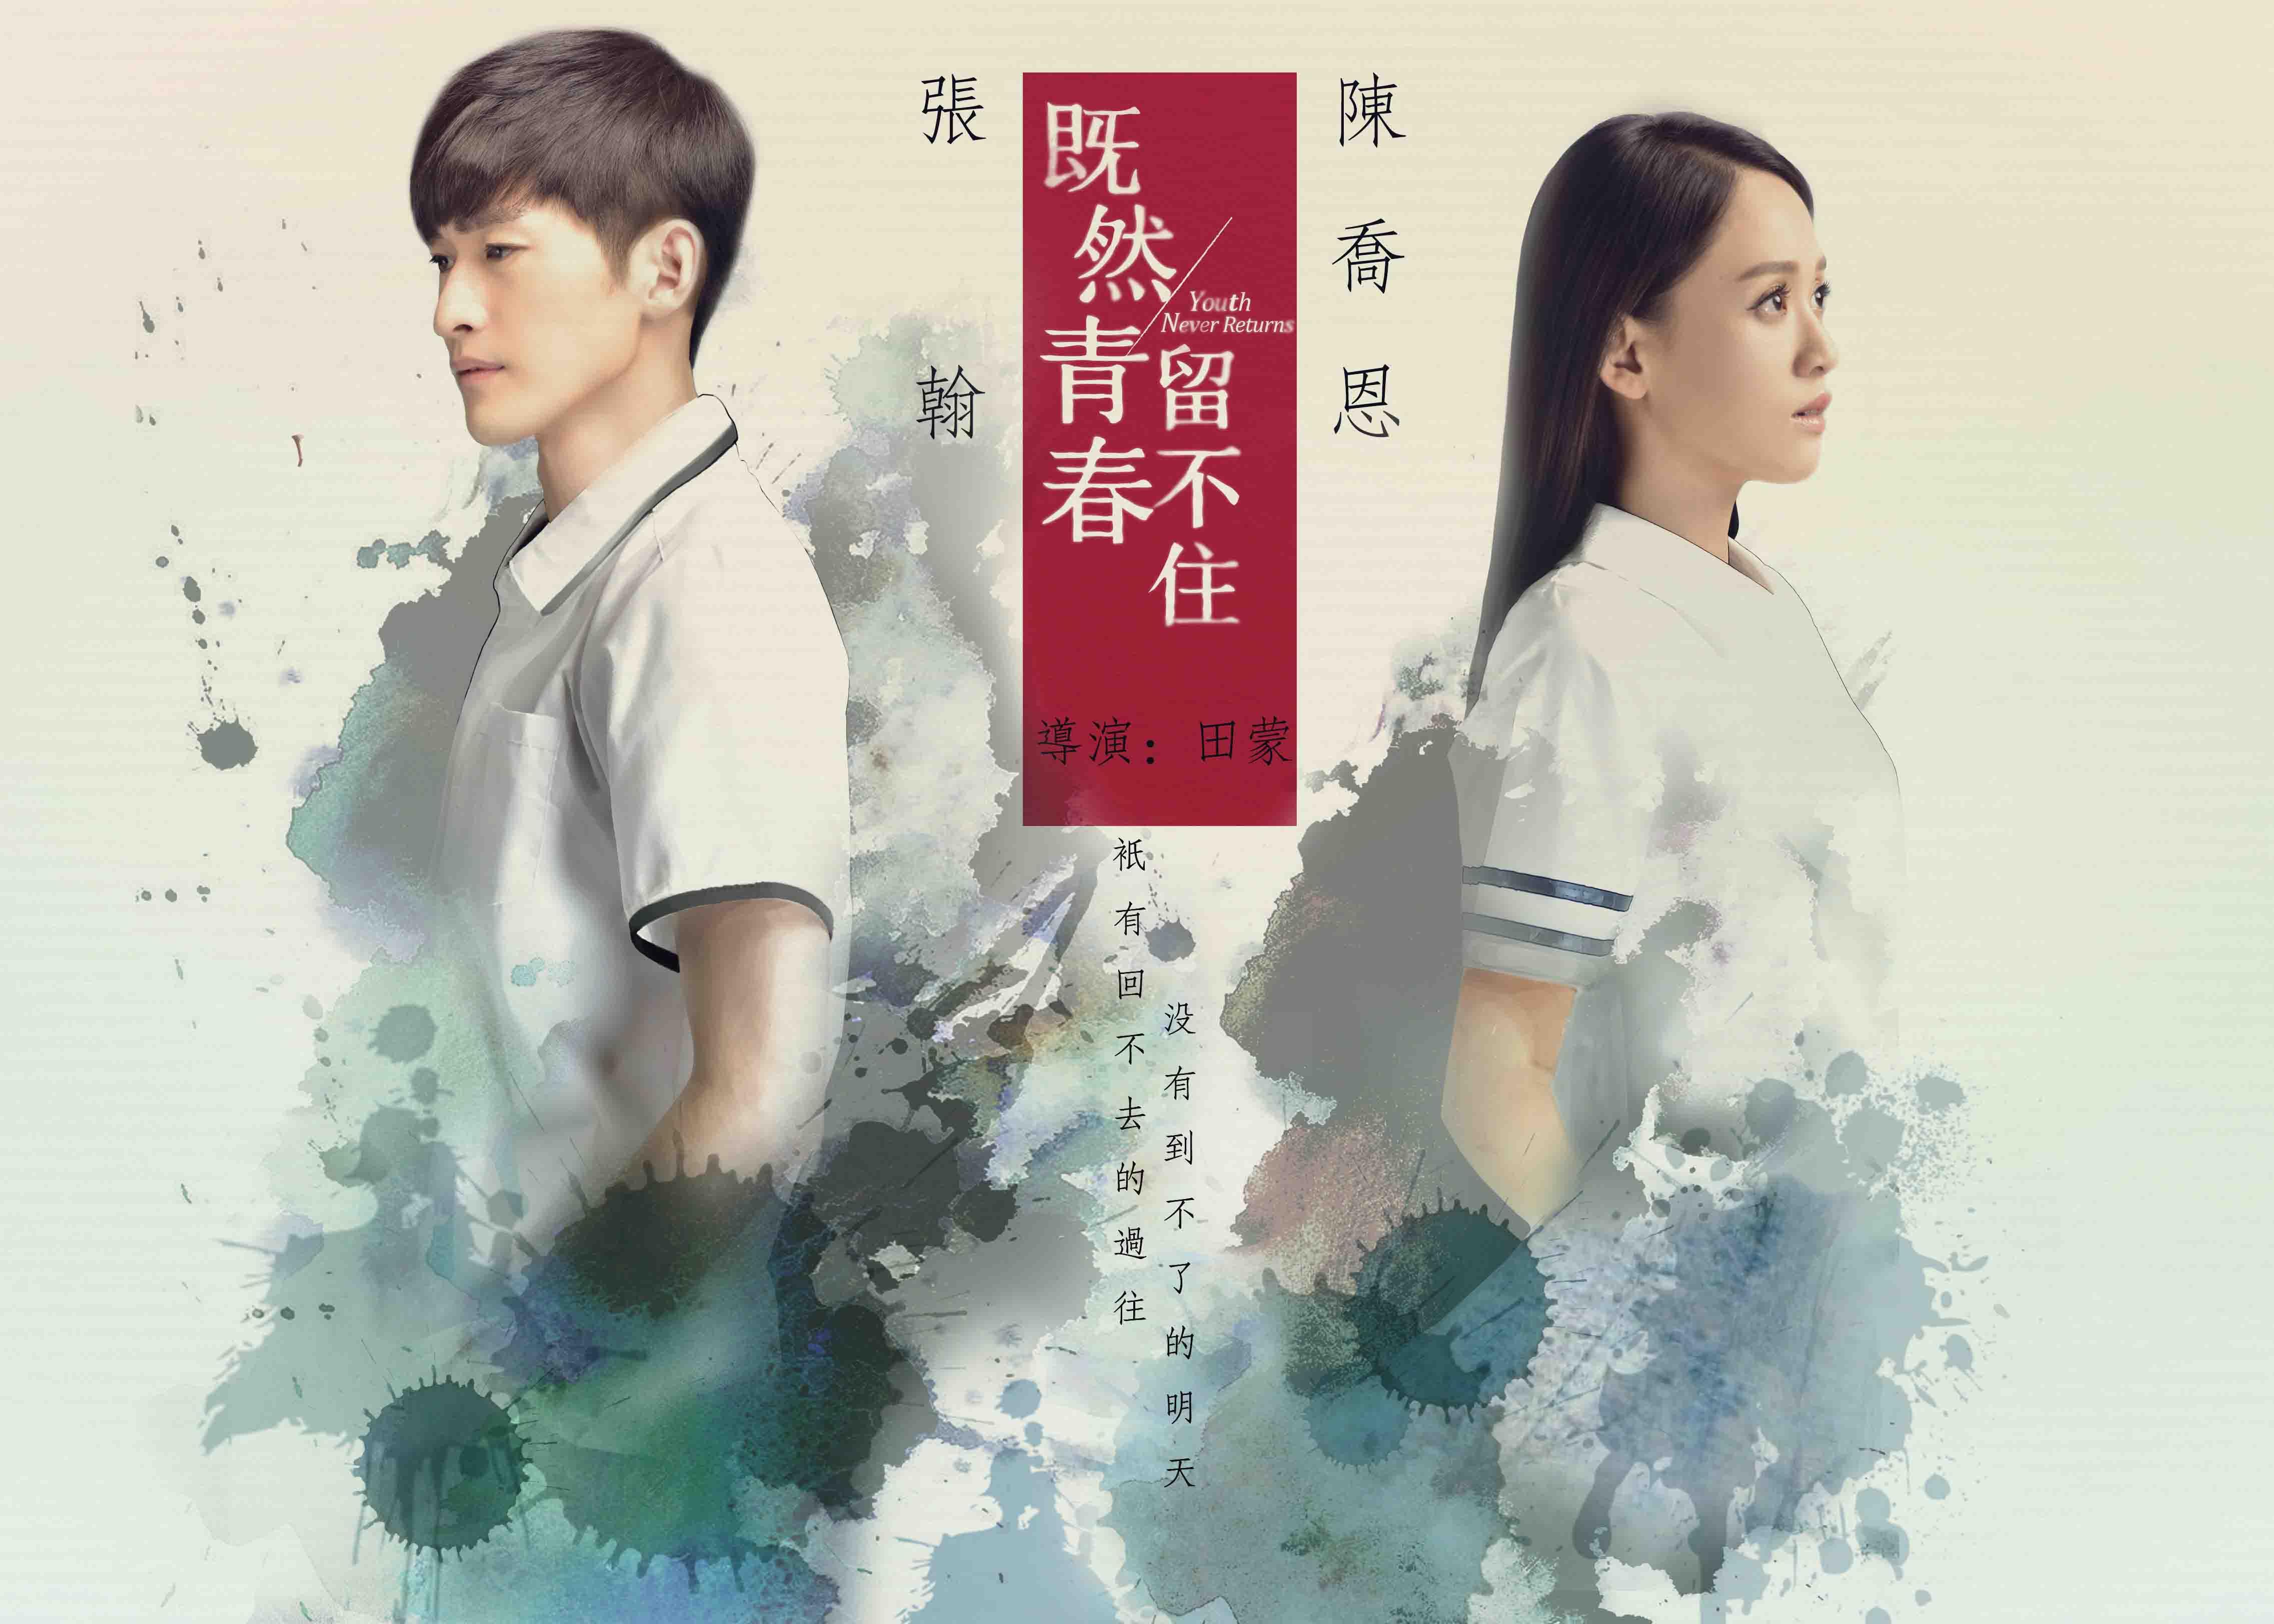 phim Trung Quốc Nếu thanh xuân không giữ lại được